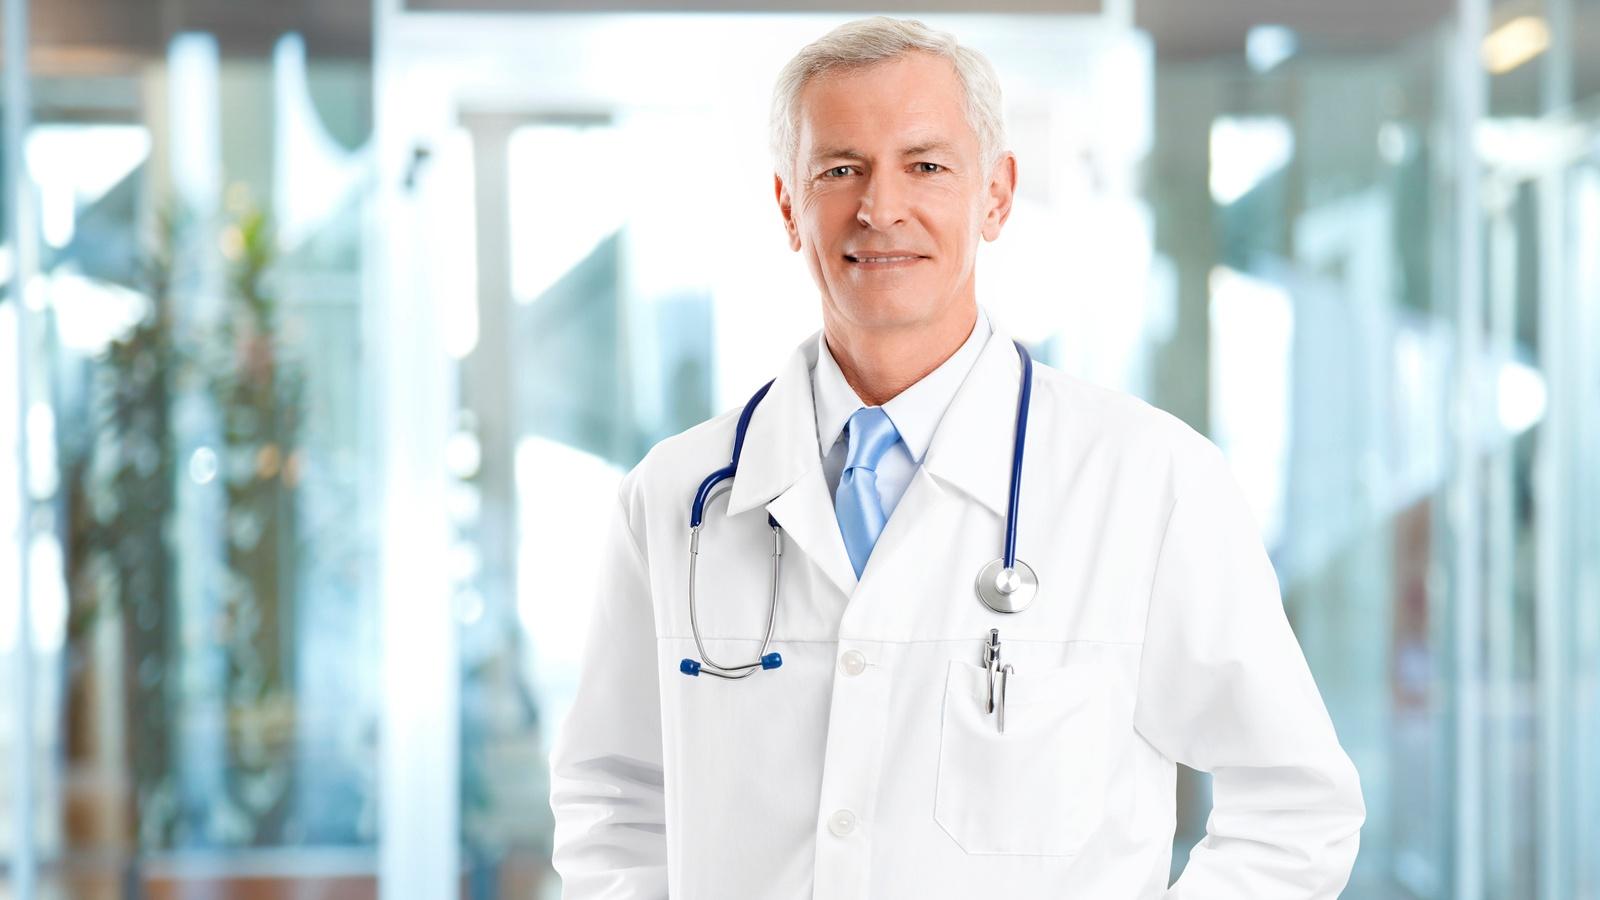 Hematology/Oncology